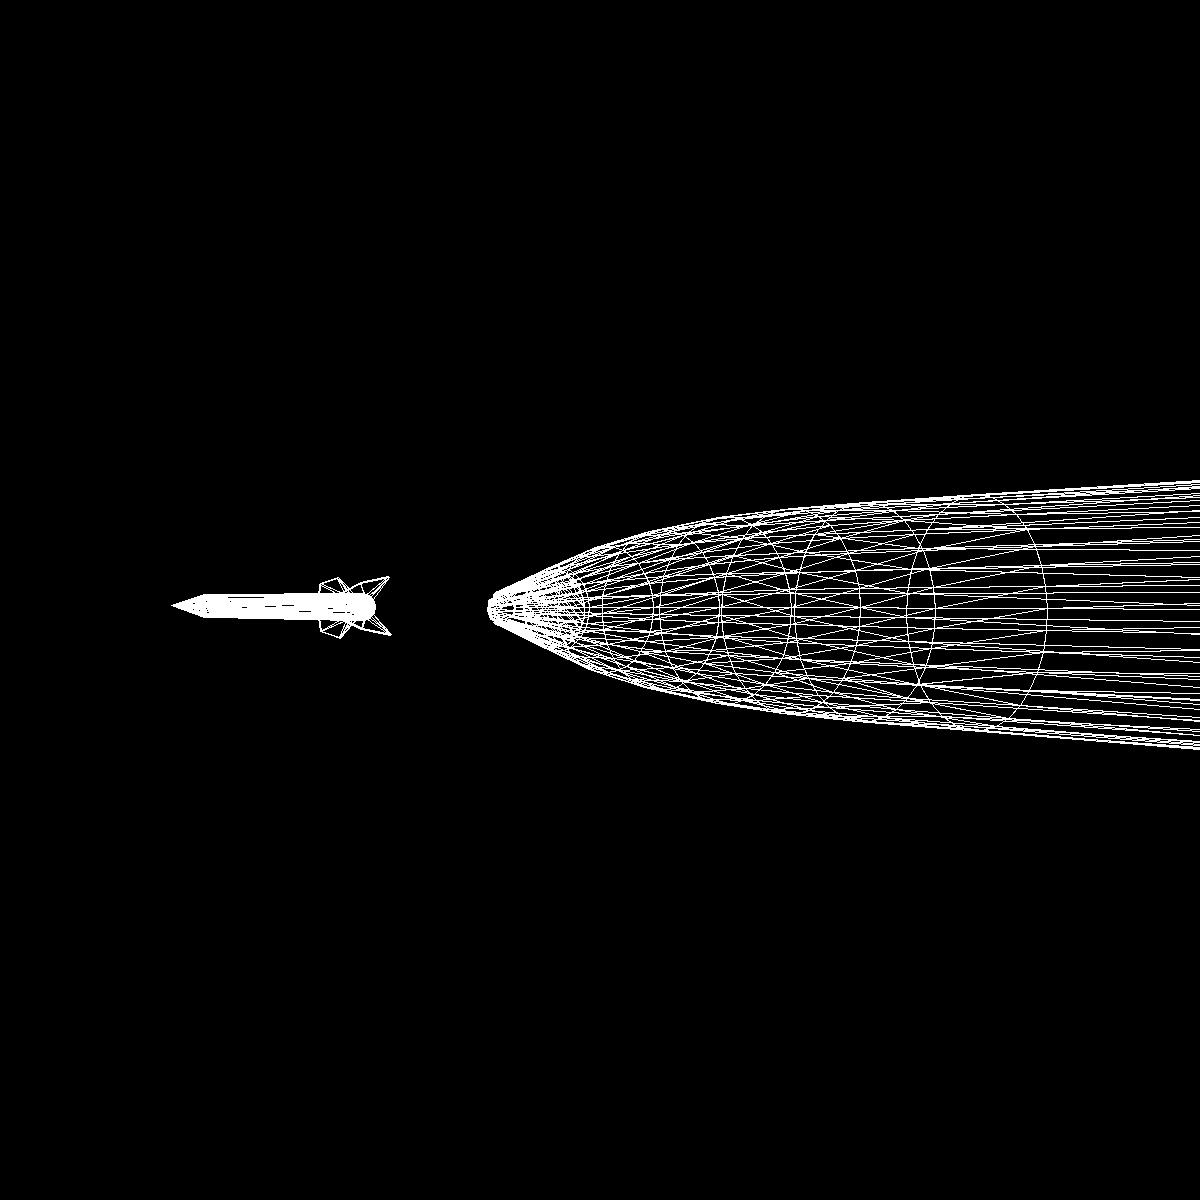 Bumper WAC - Two Stage Sounding Rocket 3d model 3ds dxf cob X obj 162859